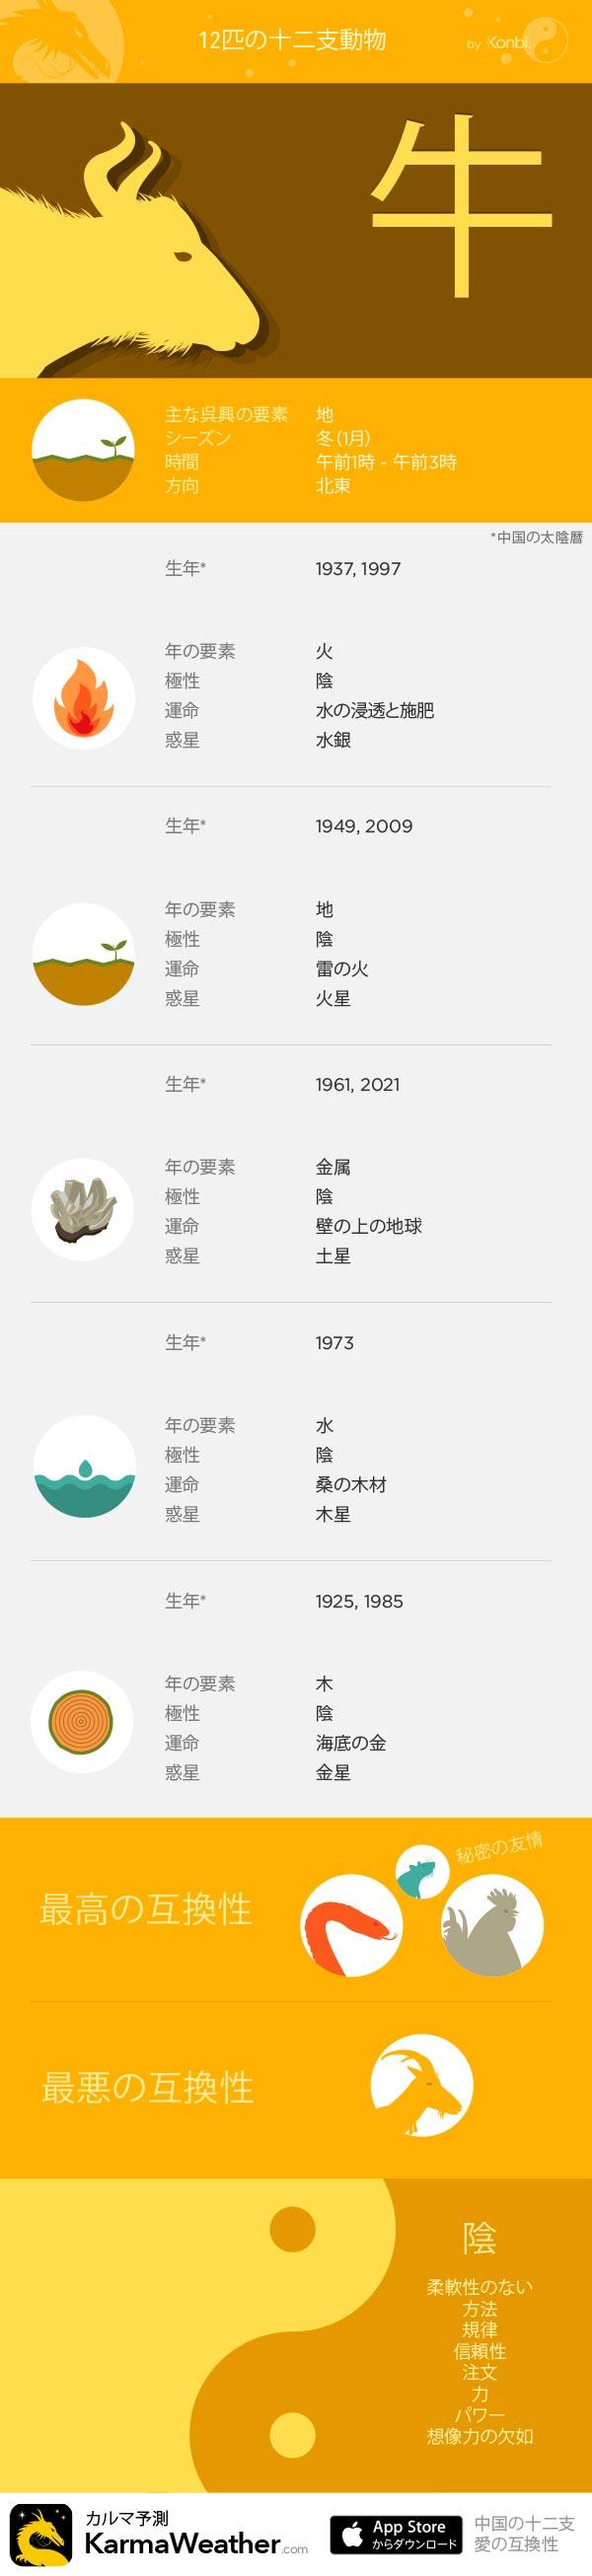 牛 - KarmaWeatherによる12の十二支の看板、 無料の中国占星術iPhoneアプリ